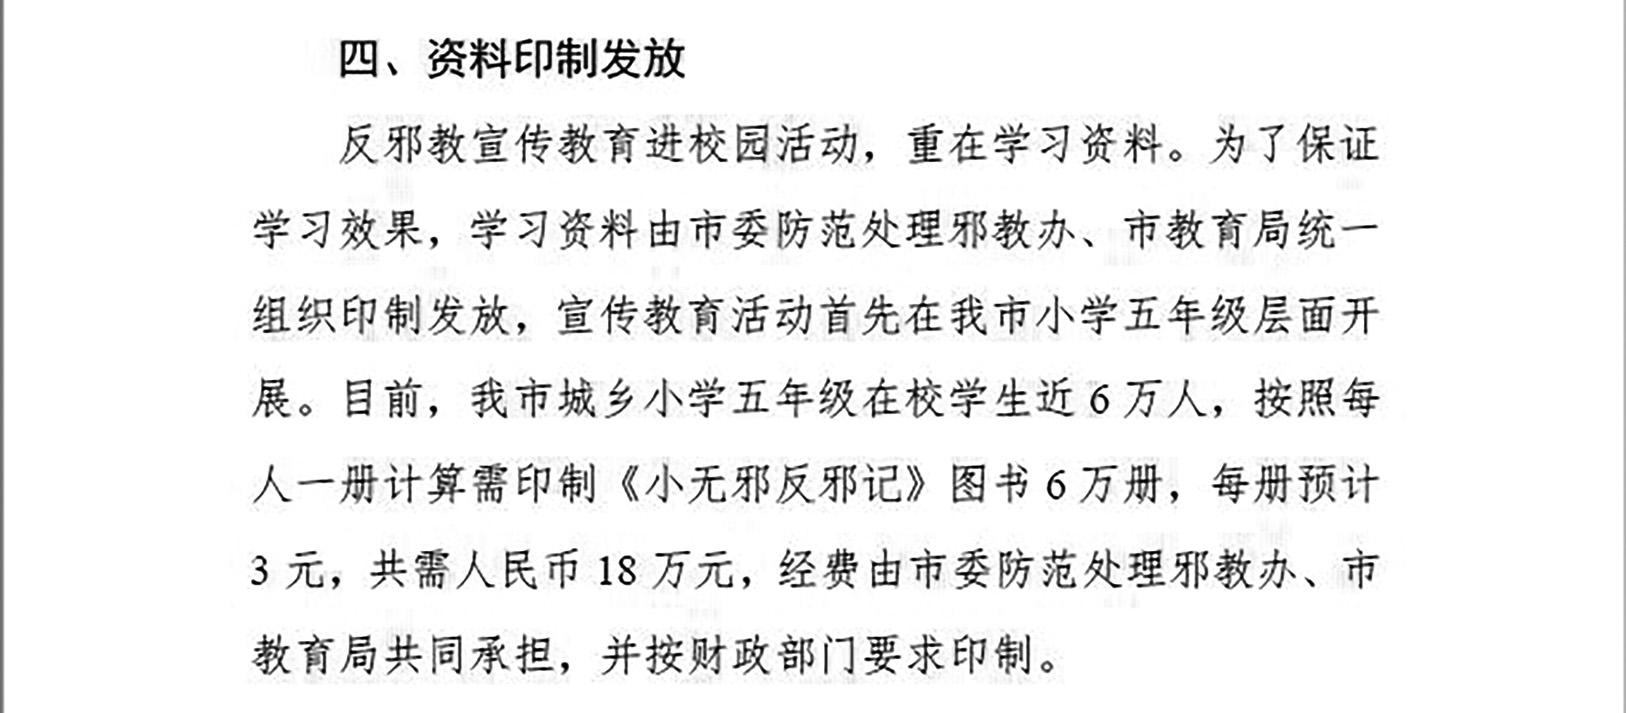 中共內部文件顯示「610」在教育系統推行宣傳迫害法輪功的行徑。(大紀元)